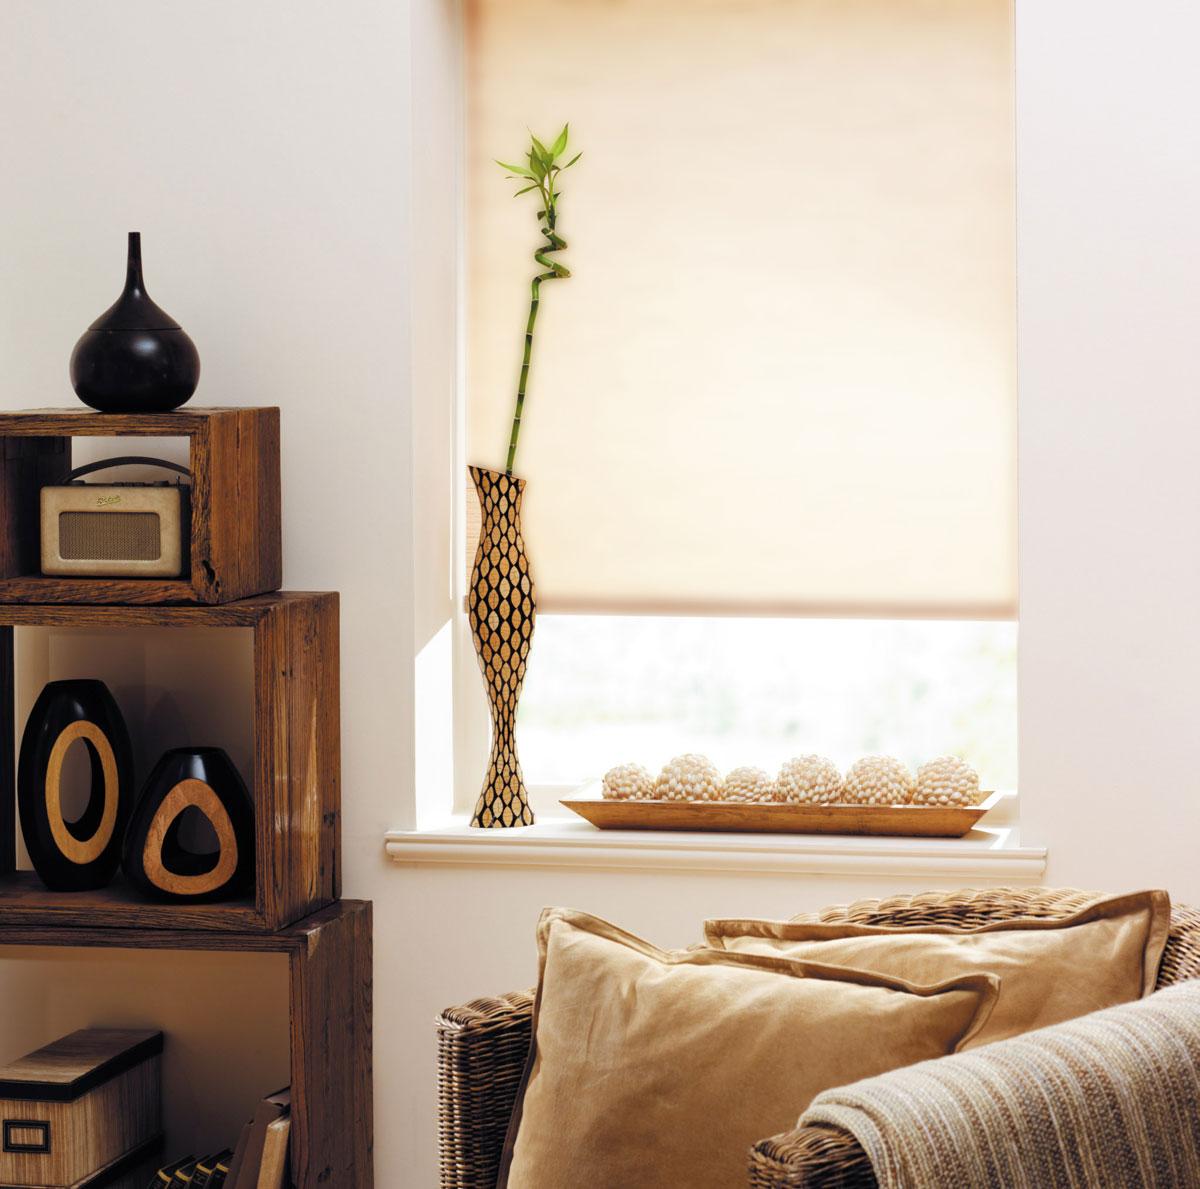 Миниролло KauffOrt 43х170 см, цвет: бежевый лен3043409Рулонная штора Миниролло выполнена из высокопрочной ткани бежевого цвета, которая сохраняет свой размер даже при намокании. Ткань не выцветает и обладает отличной цветоустойчивостью. Миниролло - это подвид рулонных штор, который закрывает не весь оконный проем, а непосредственно само стекло. Такие шторы крепятся на раму без сверления при помощи зажимов или клейкой двухсторонней ленты. Окно остаётся на гарантии, благодаря монтажу без сверления. Такая штора станет прекрасным элементом декора окна и гармонично впишется в интерьер любого помещения.